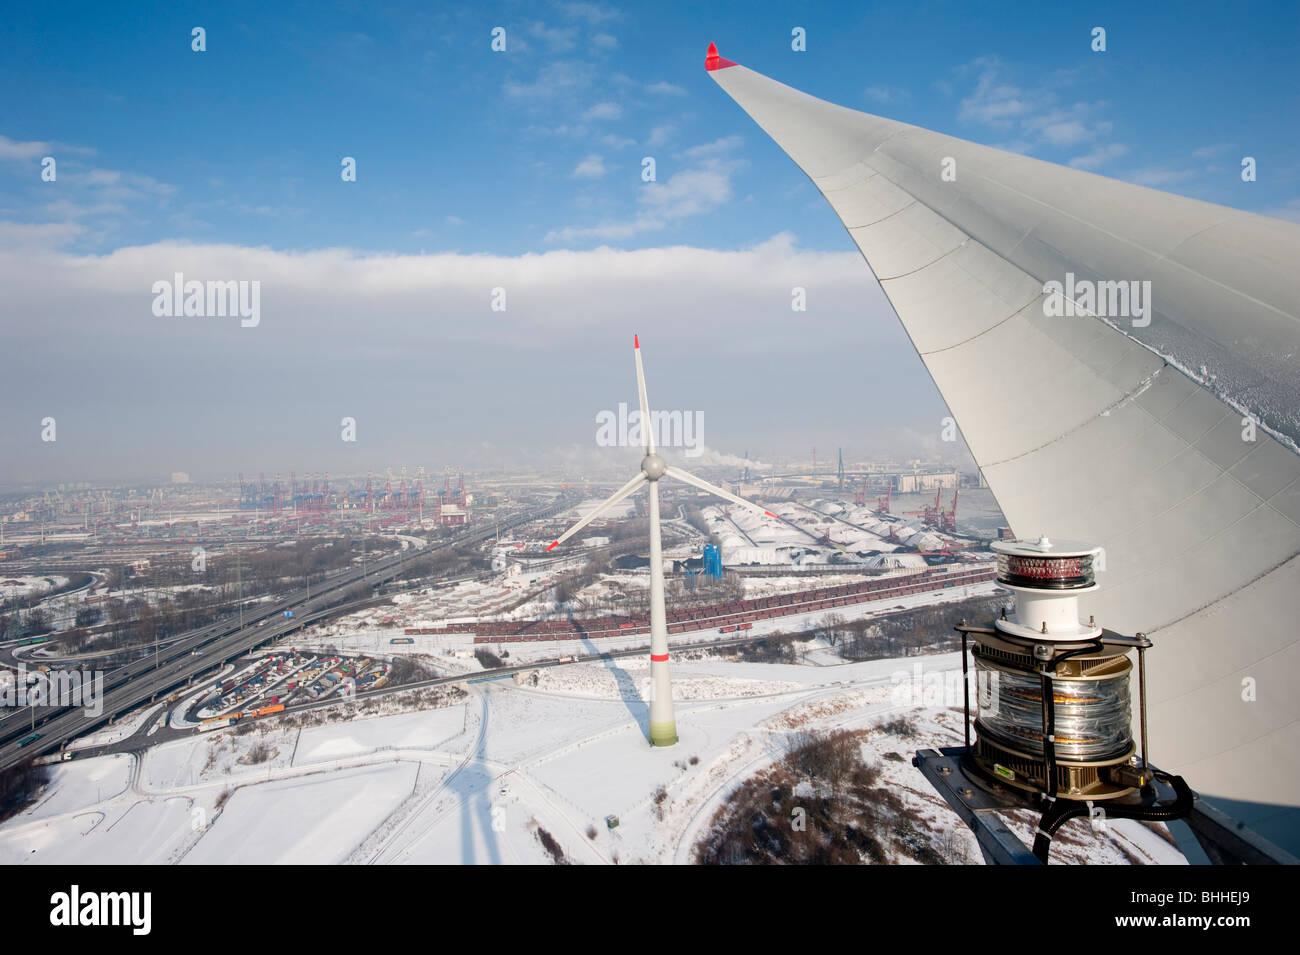 Allemagne Hamburg - éoliennes Enercon E-126 avec 6 MW dans le port et vue sur la ville de Hambourg Photo Stock